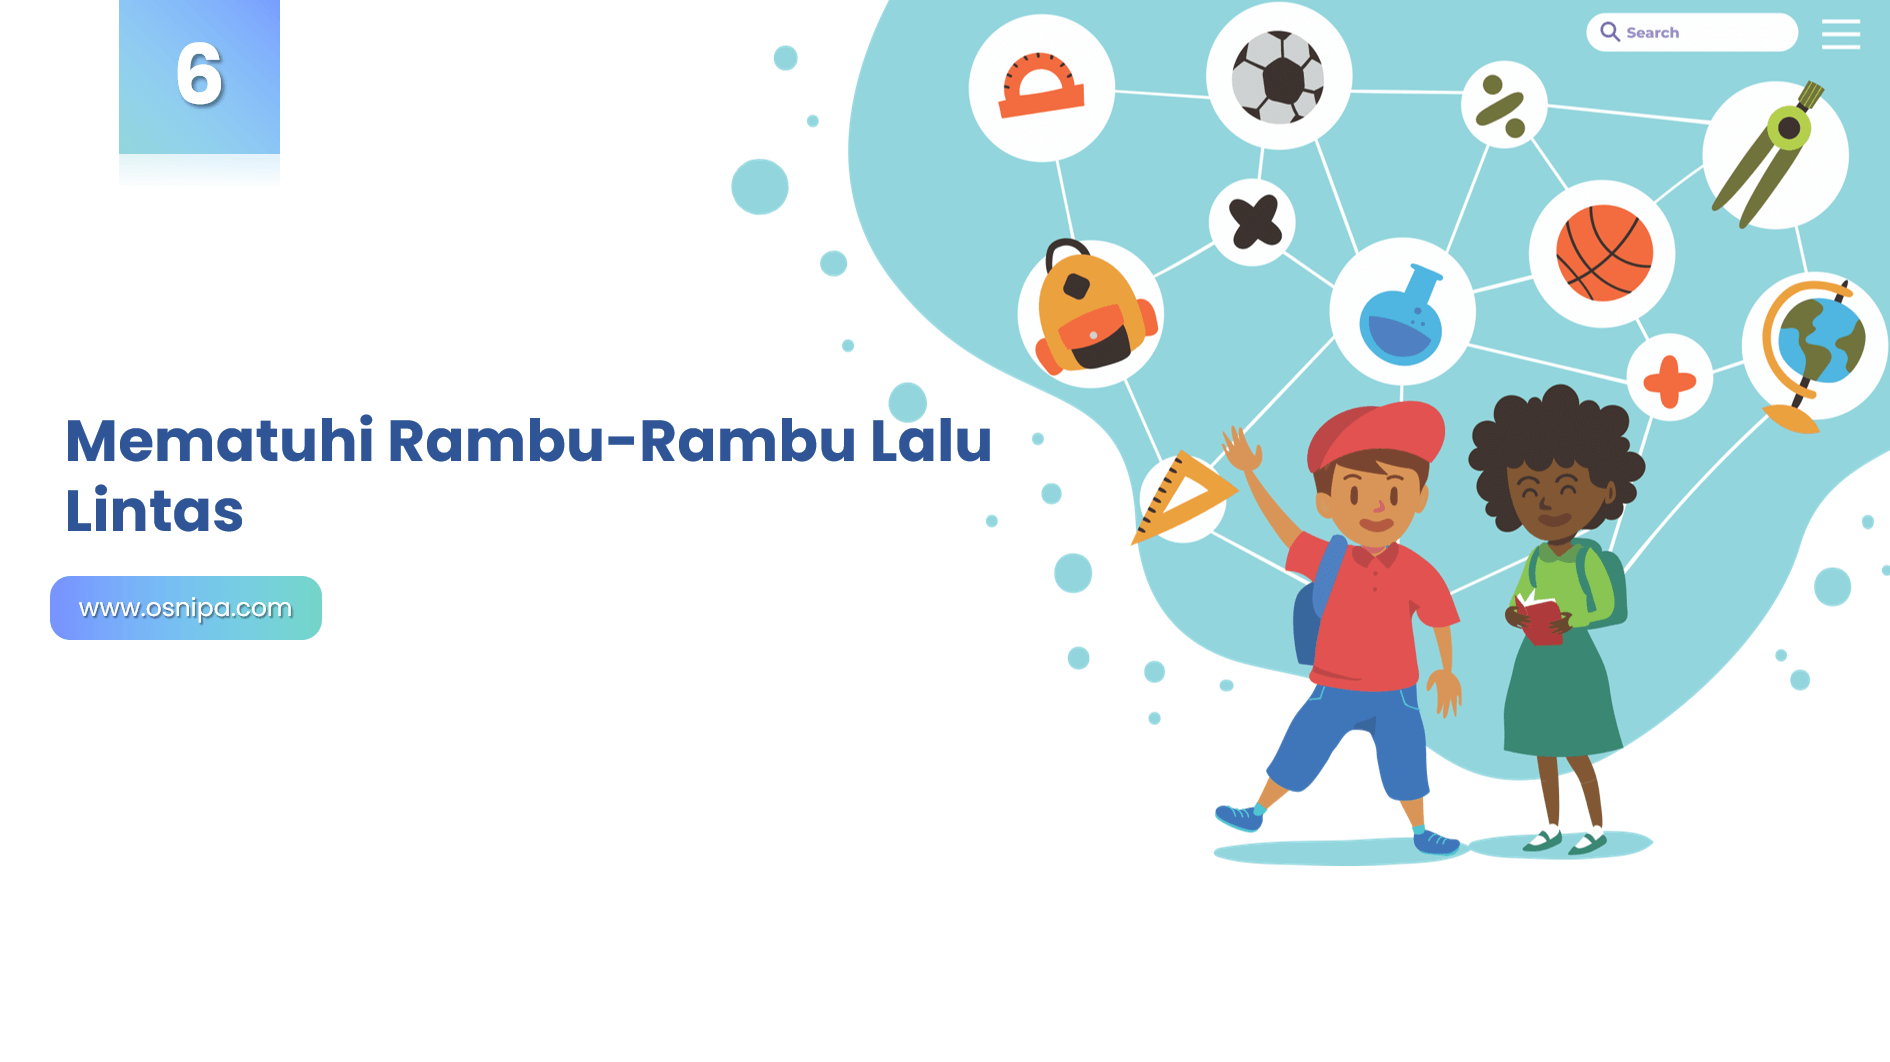 Mematuhi Rambu-Rambu Lalu Lintas